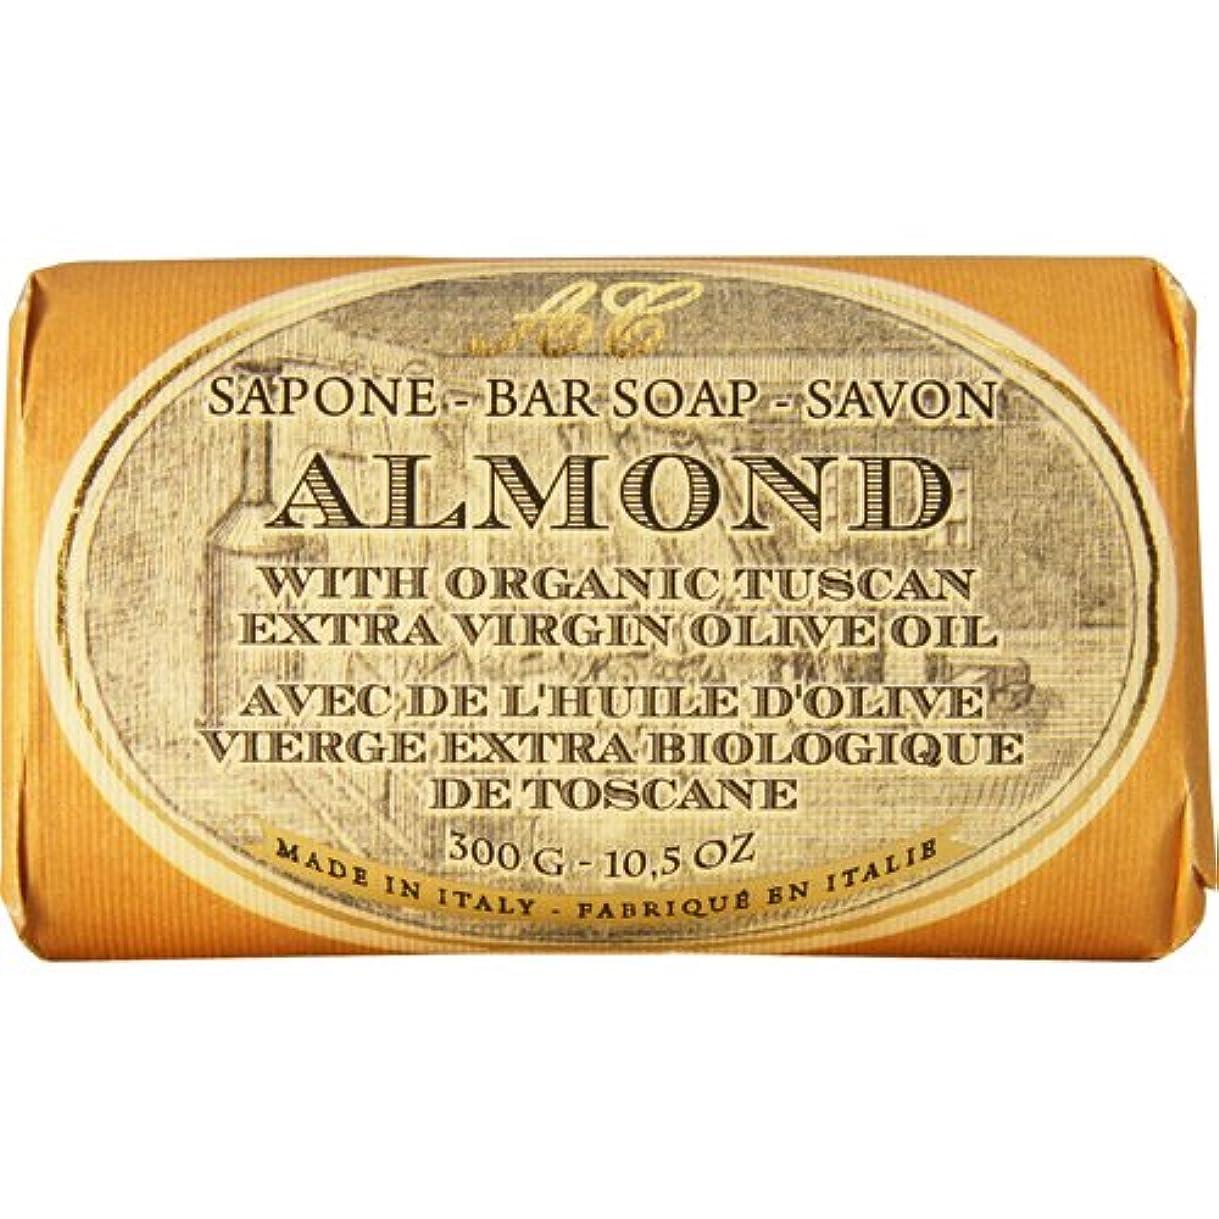 ディプロマ垂直申し立てSaponerire Fissi レトロシリーズ Bar Soap バーソープ 300g Almond アーモンドオイル